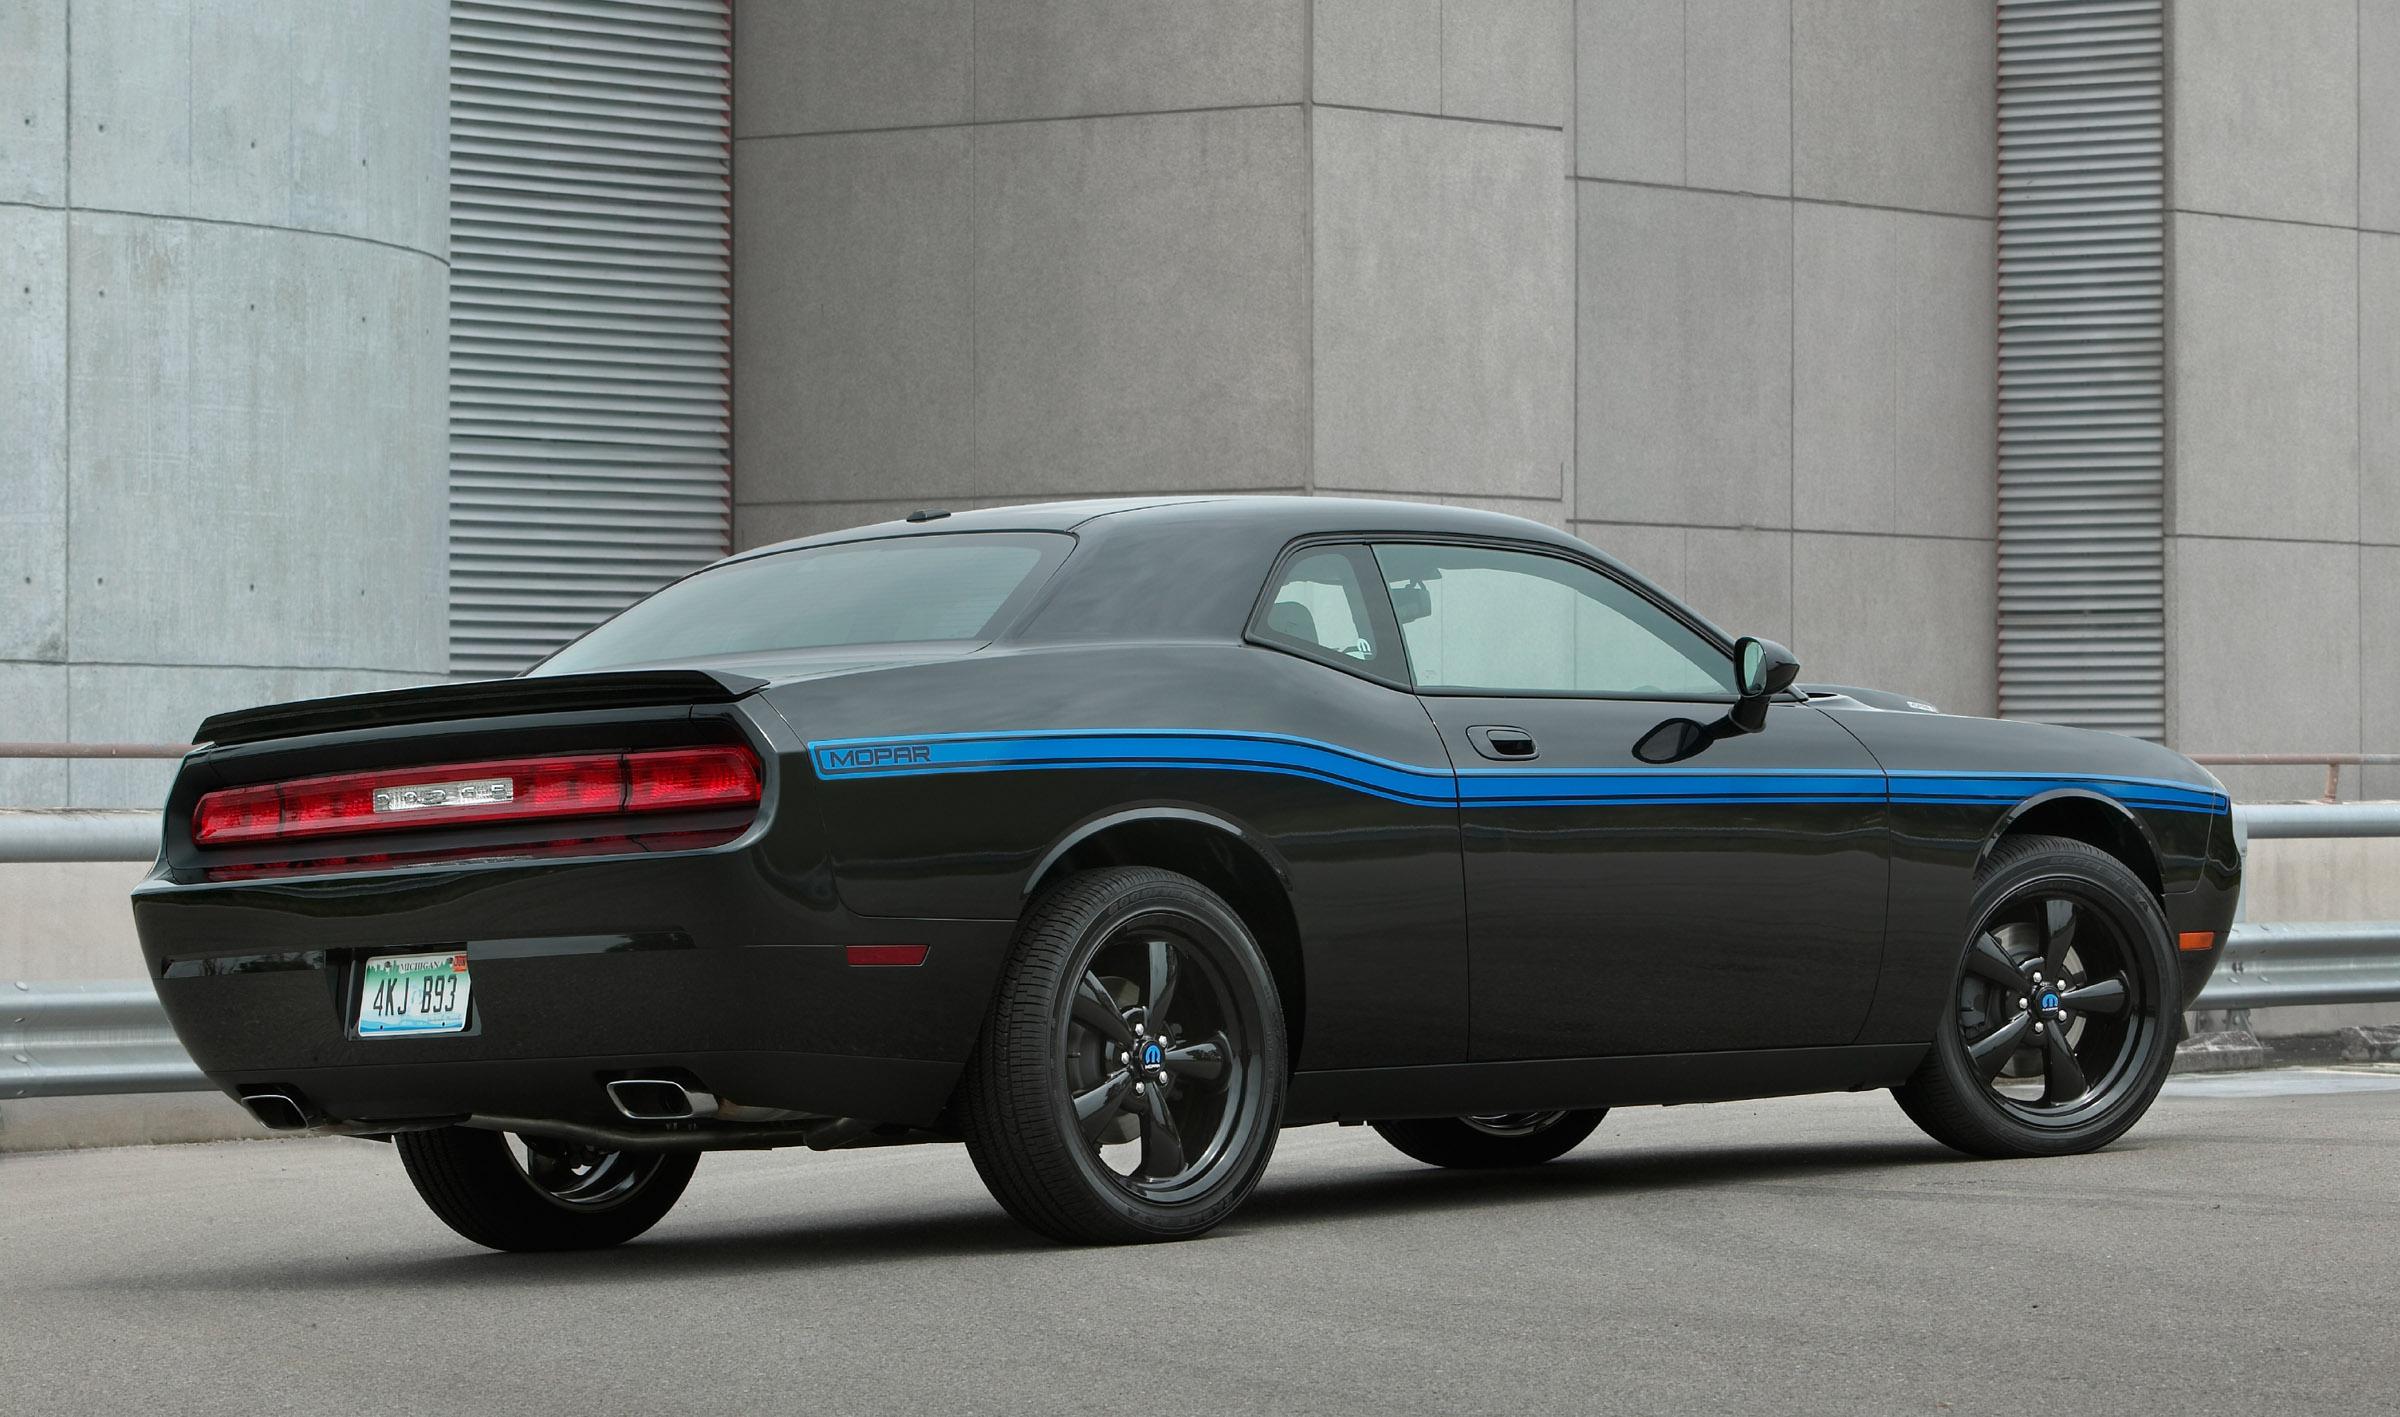 2011 Dodge Challenger Sports New 36 Liter Pentastar V6 Engine Diagram 2010 Mopar